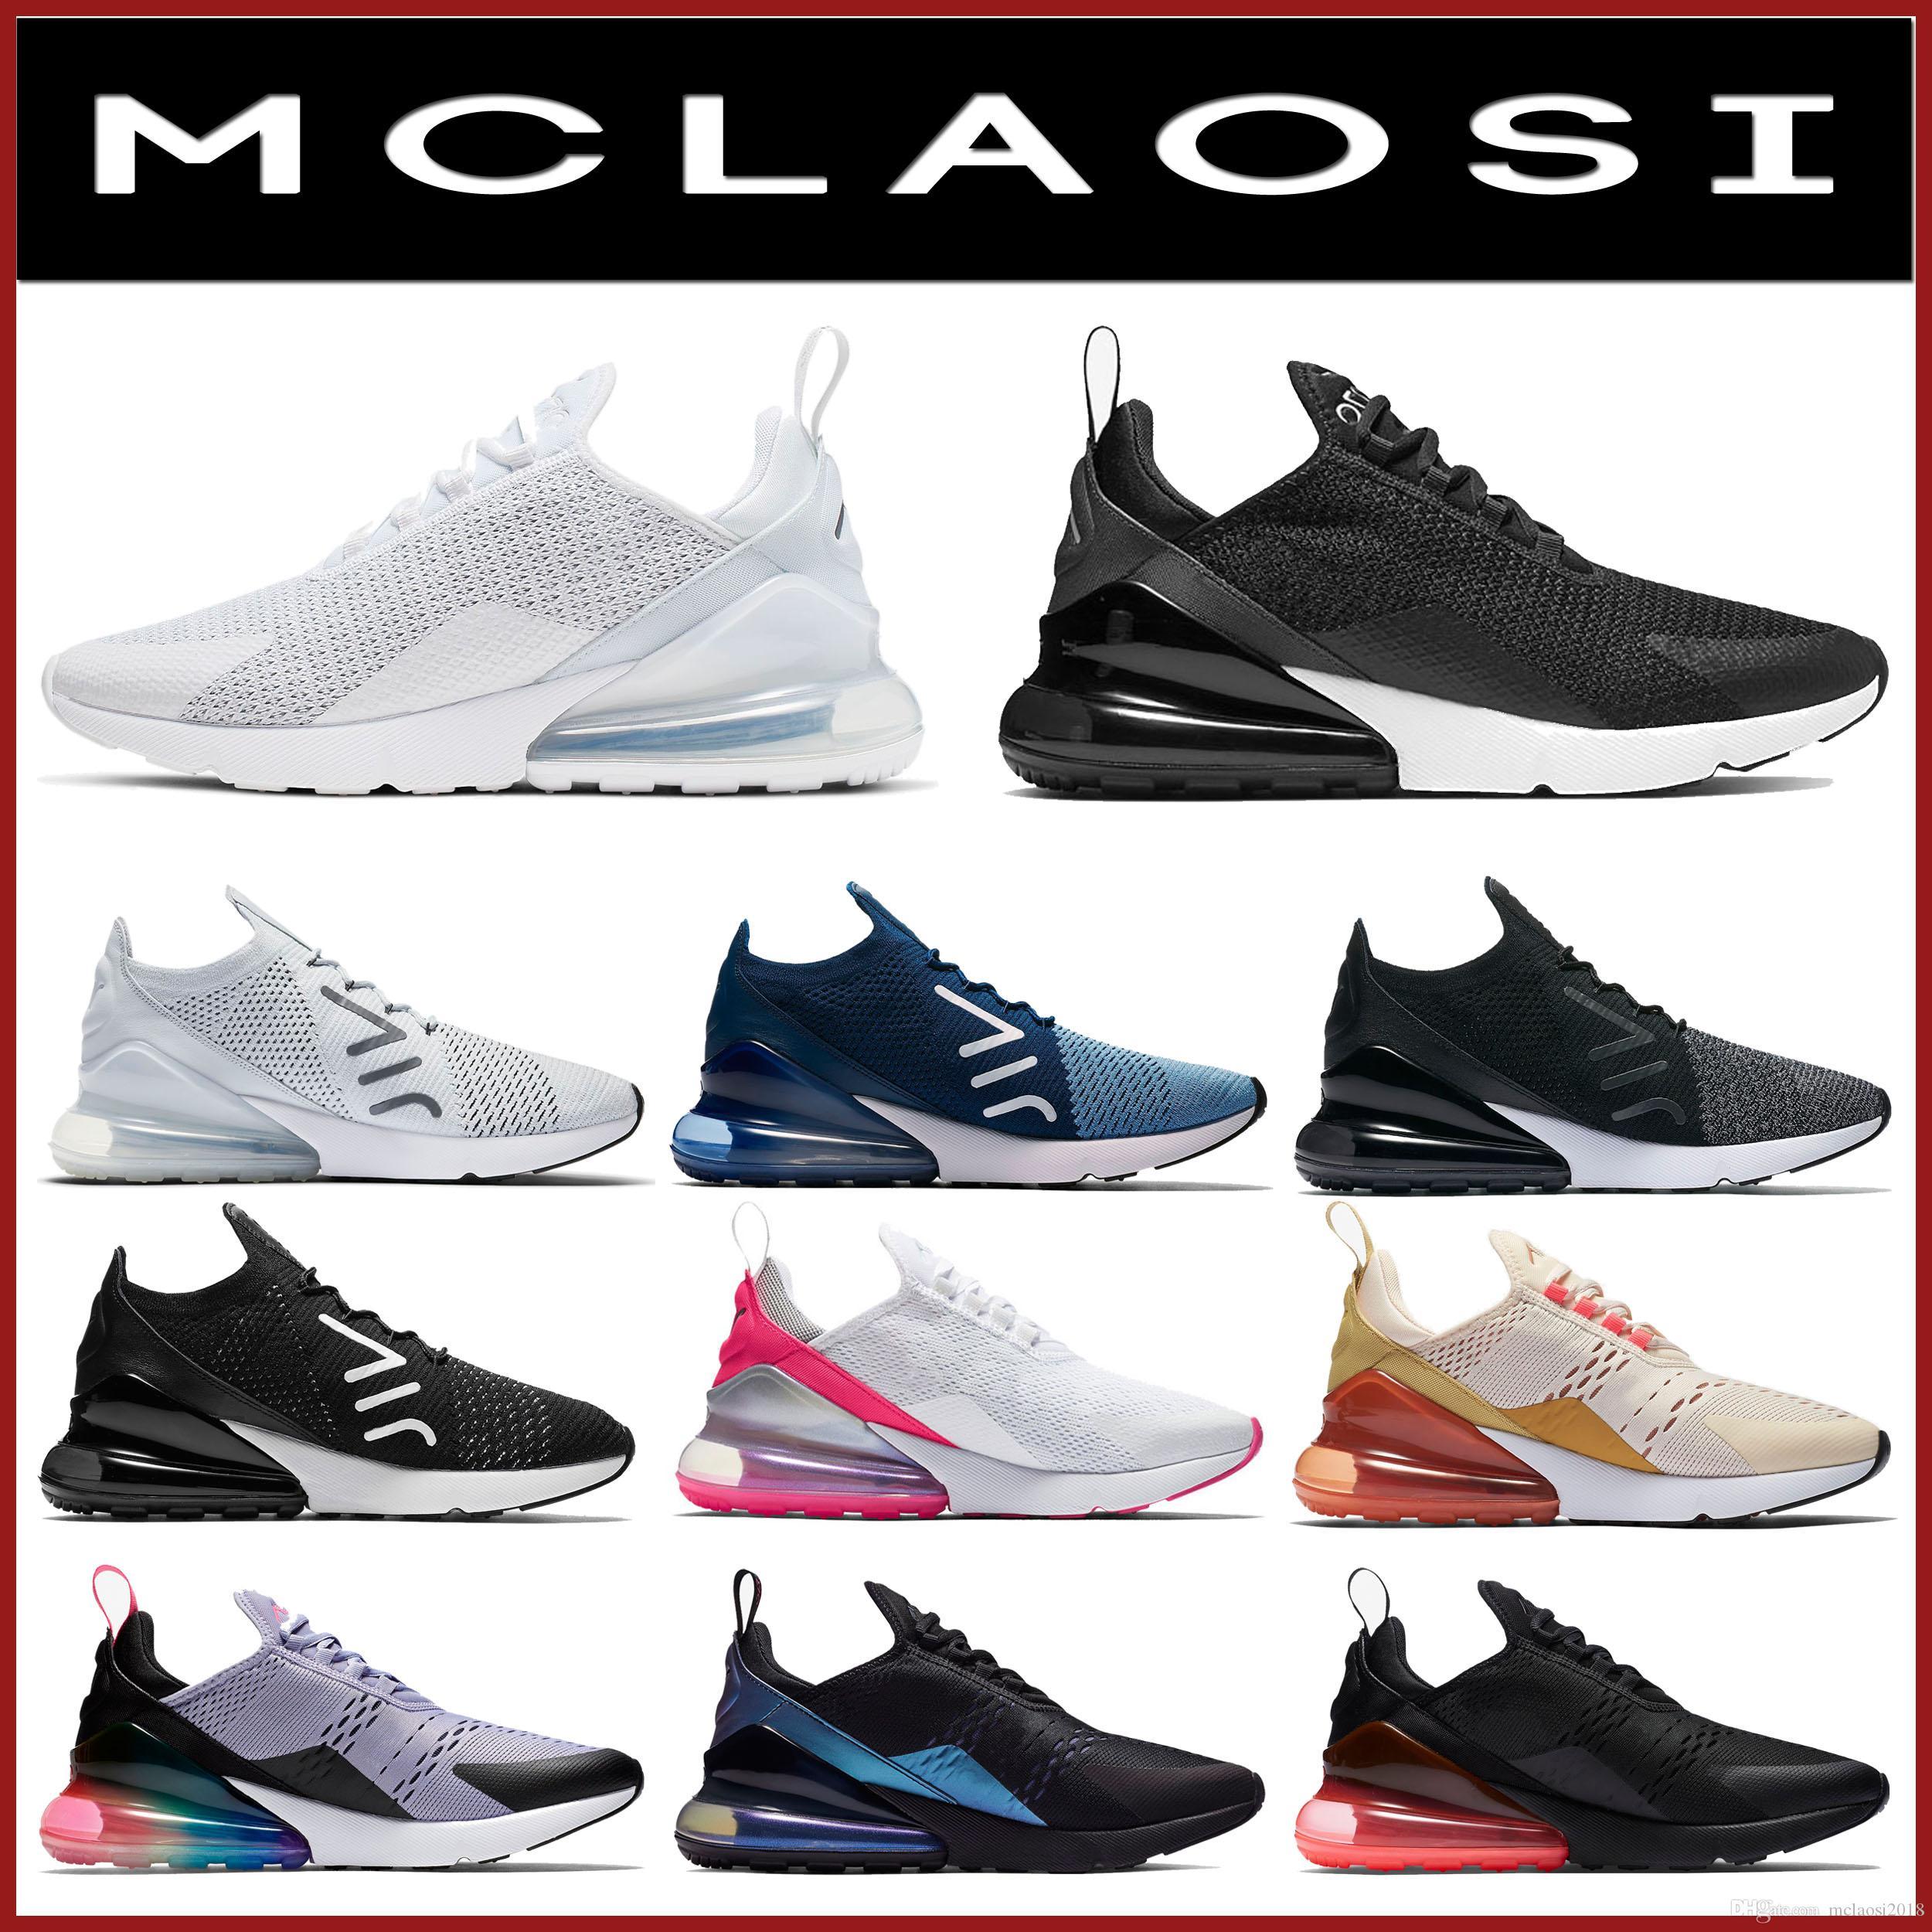 MCLAOSI melhor vender 2020 novos 270 homens tênis, 27c mulheres sapatilhas e esportes shoes.The últimas 270 sapatilhas dos homens e das mulheres